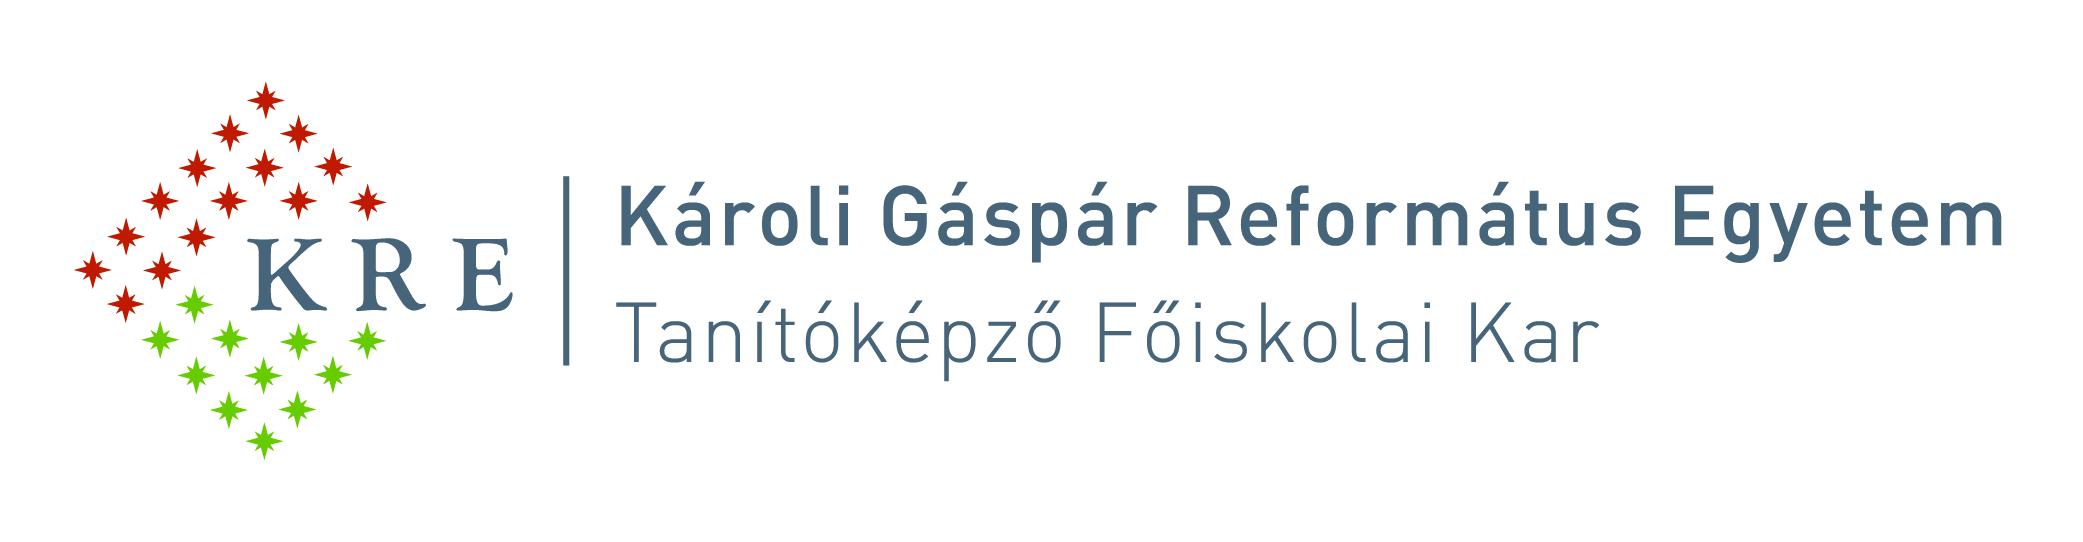 kre tfk logo v1